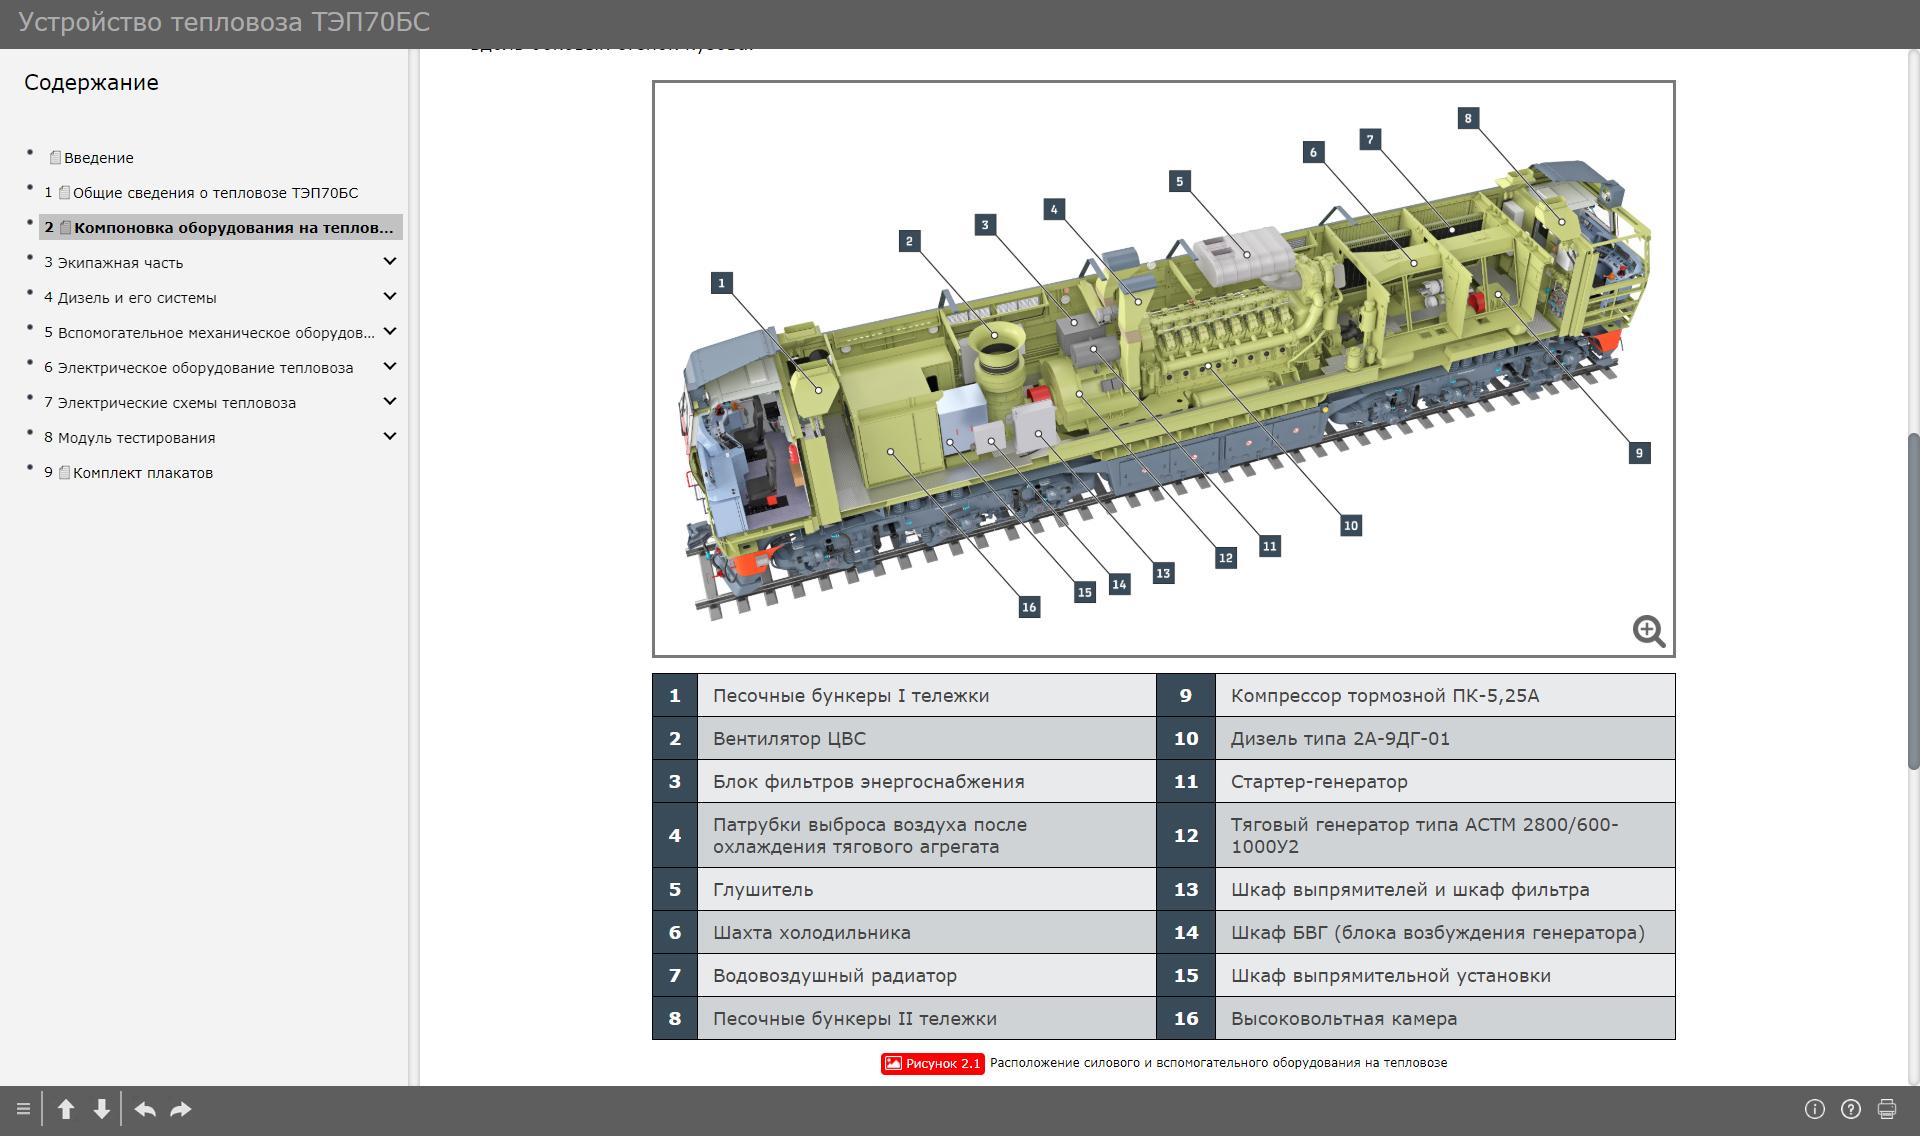 tep70bs 001 1 Электронный учебный комплекс «Устройство тепловоза ТЭП70БС»